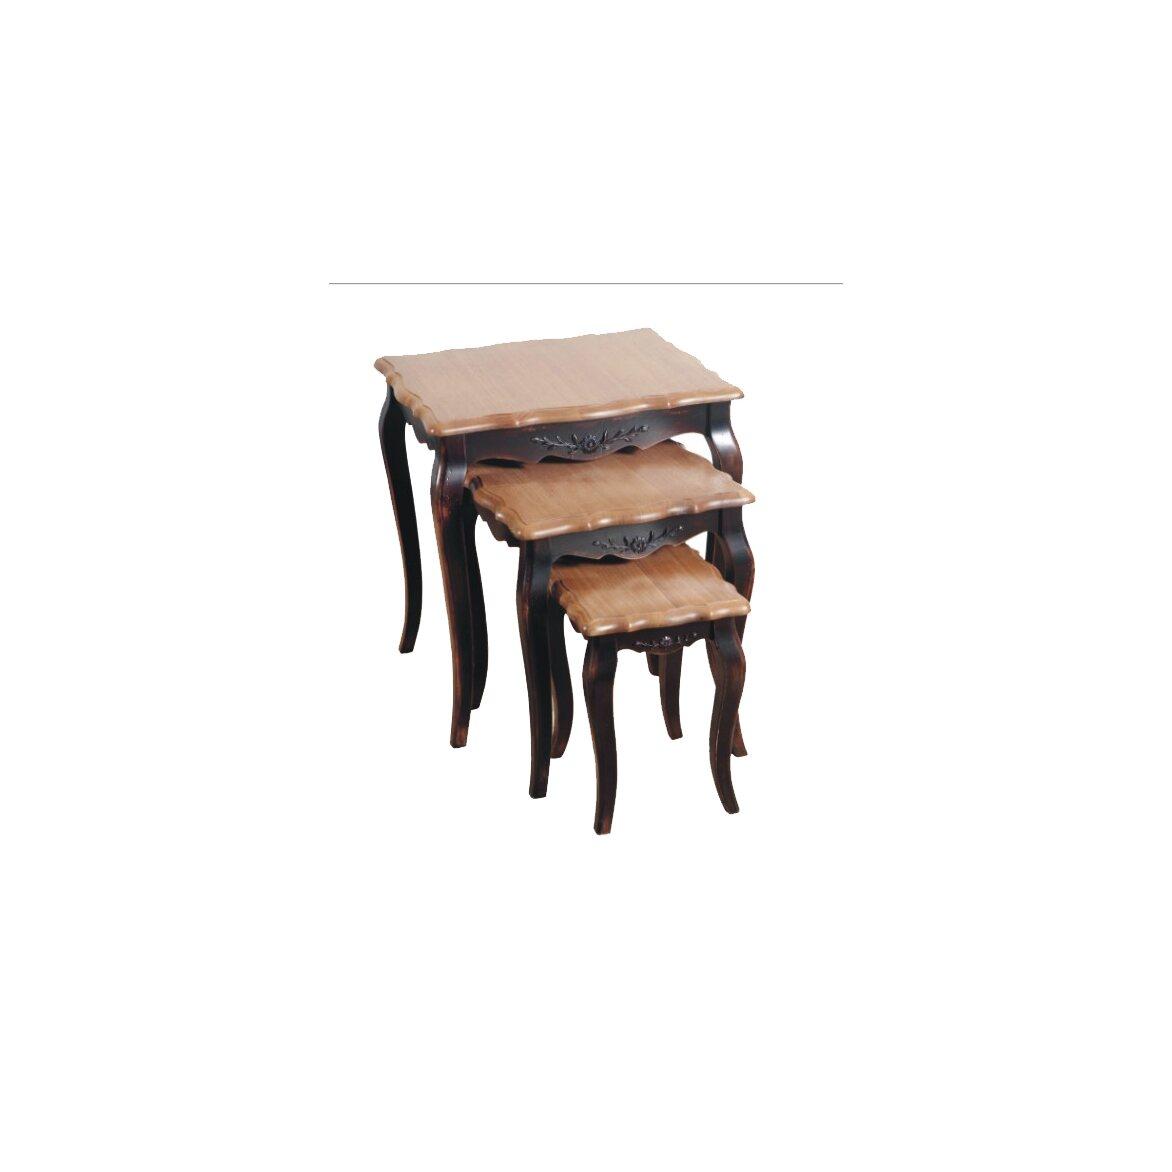 Консольные столики (комплект) Leontina, черного цвета | Консоли Kingsby